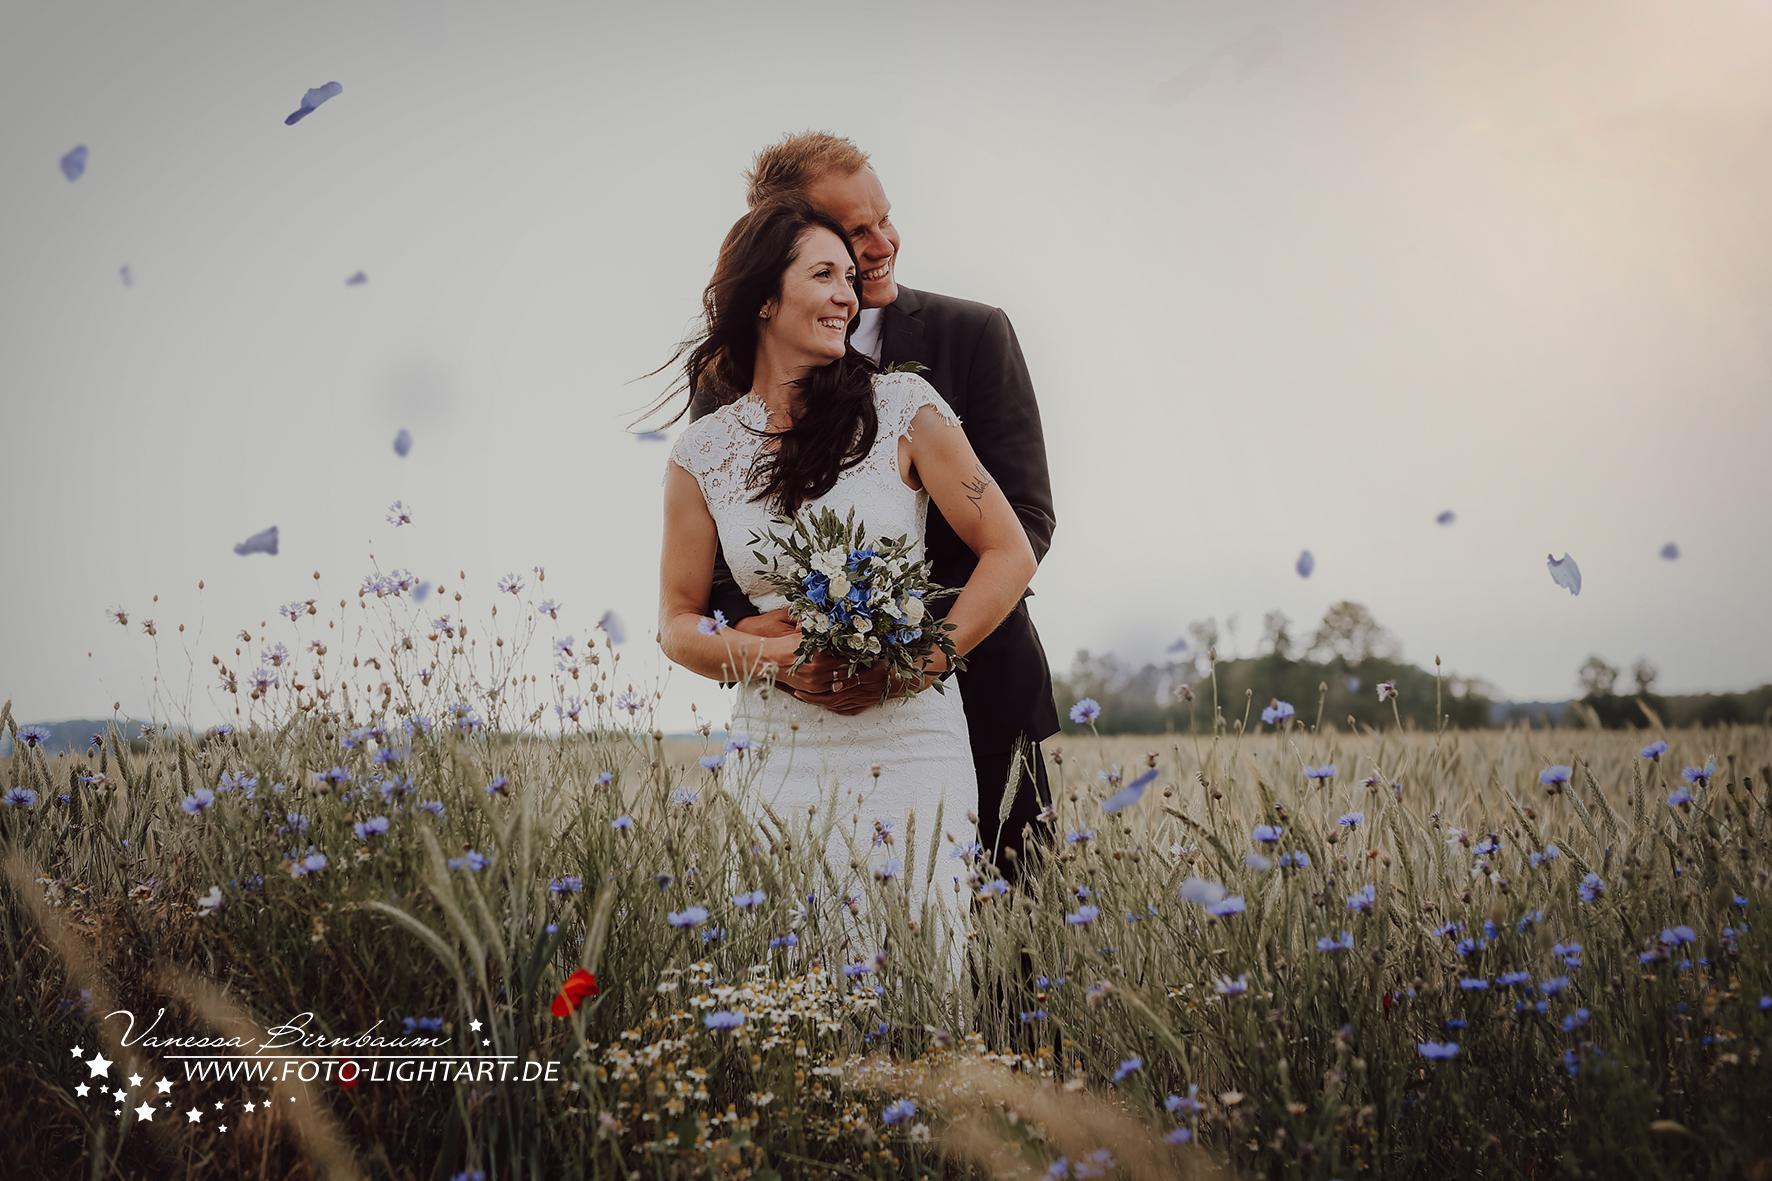 Vanessa Birnbaum - FotoLightart Hochzeit